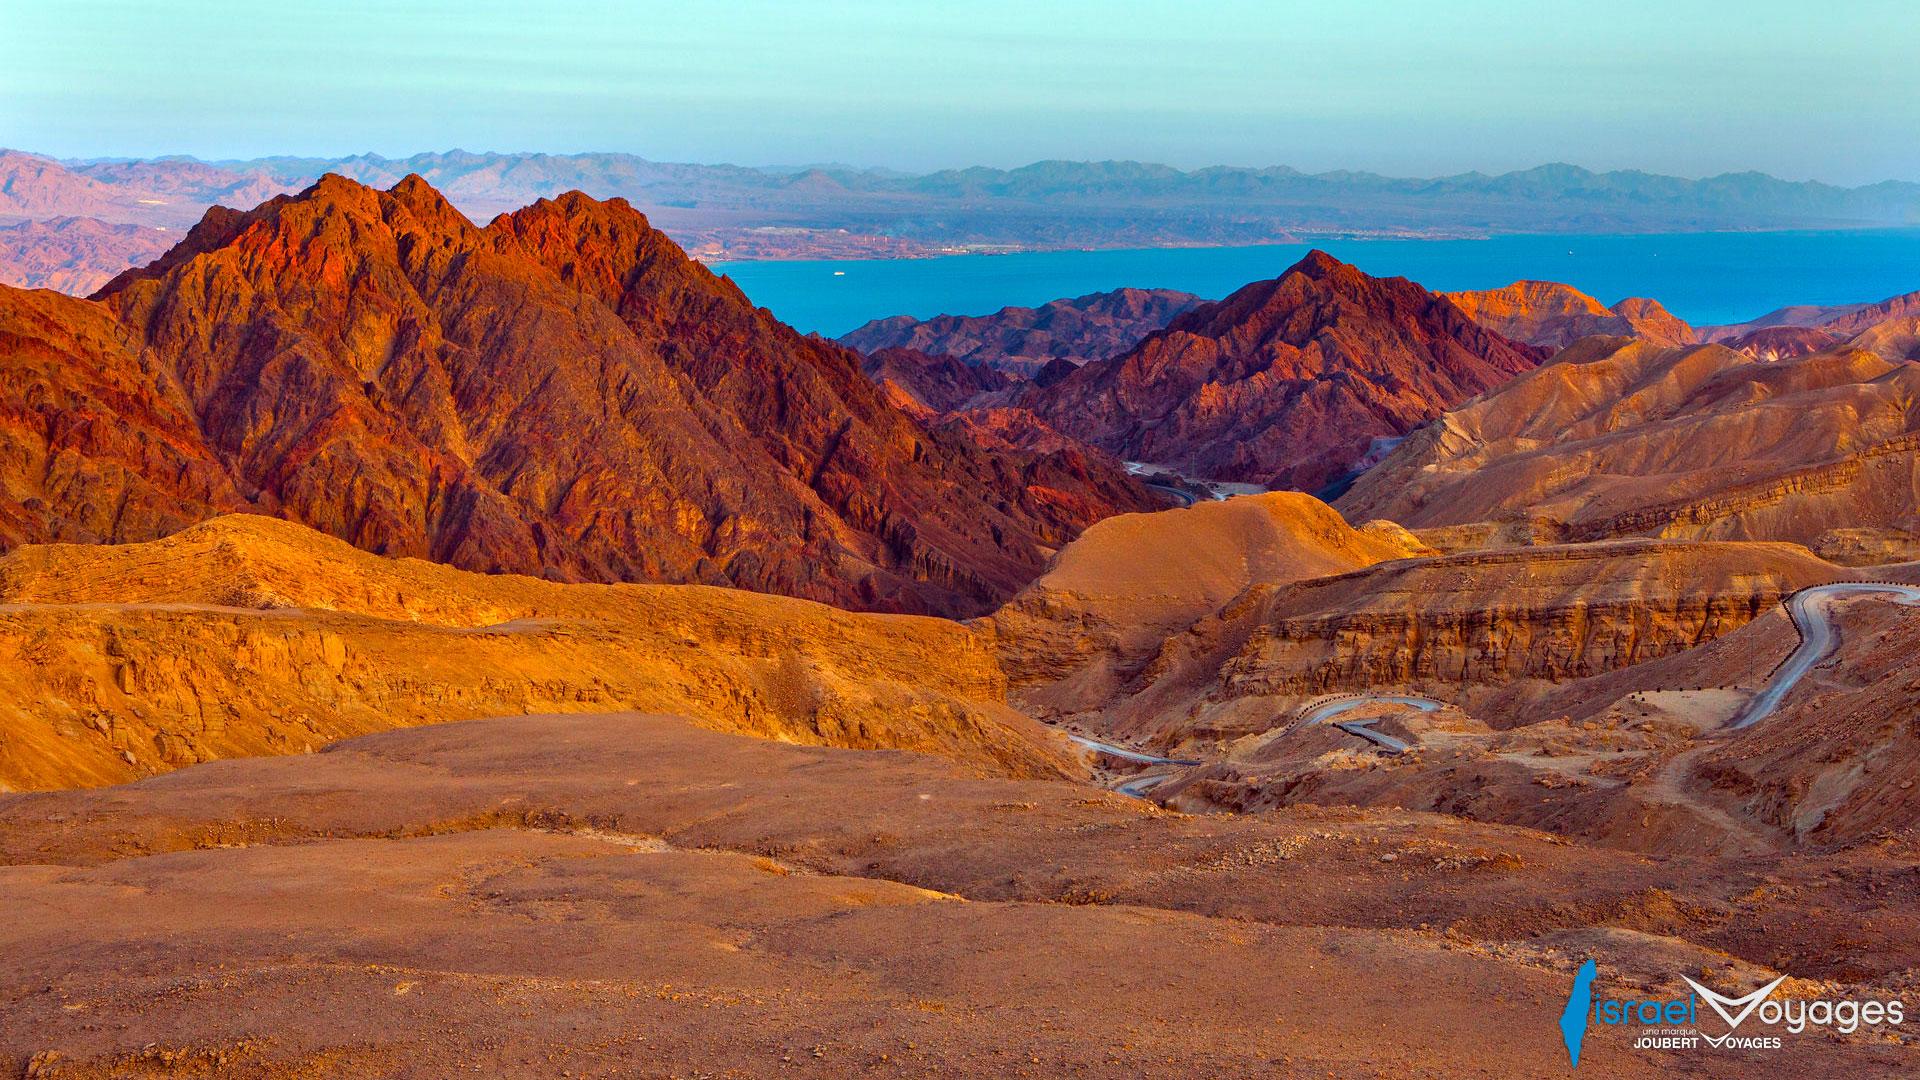 Randonnée sur les Montagnes au Nord d'Eilat